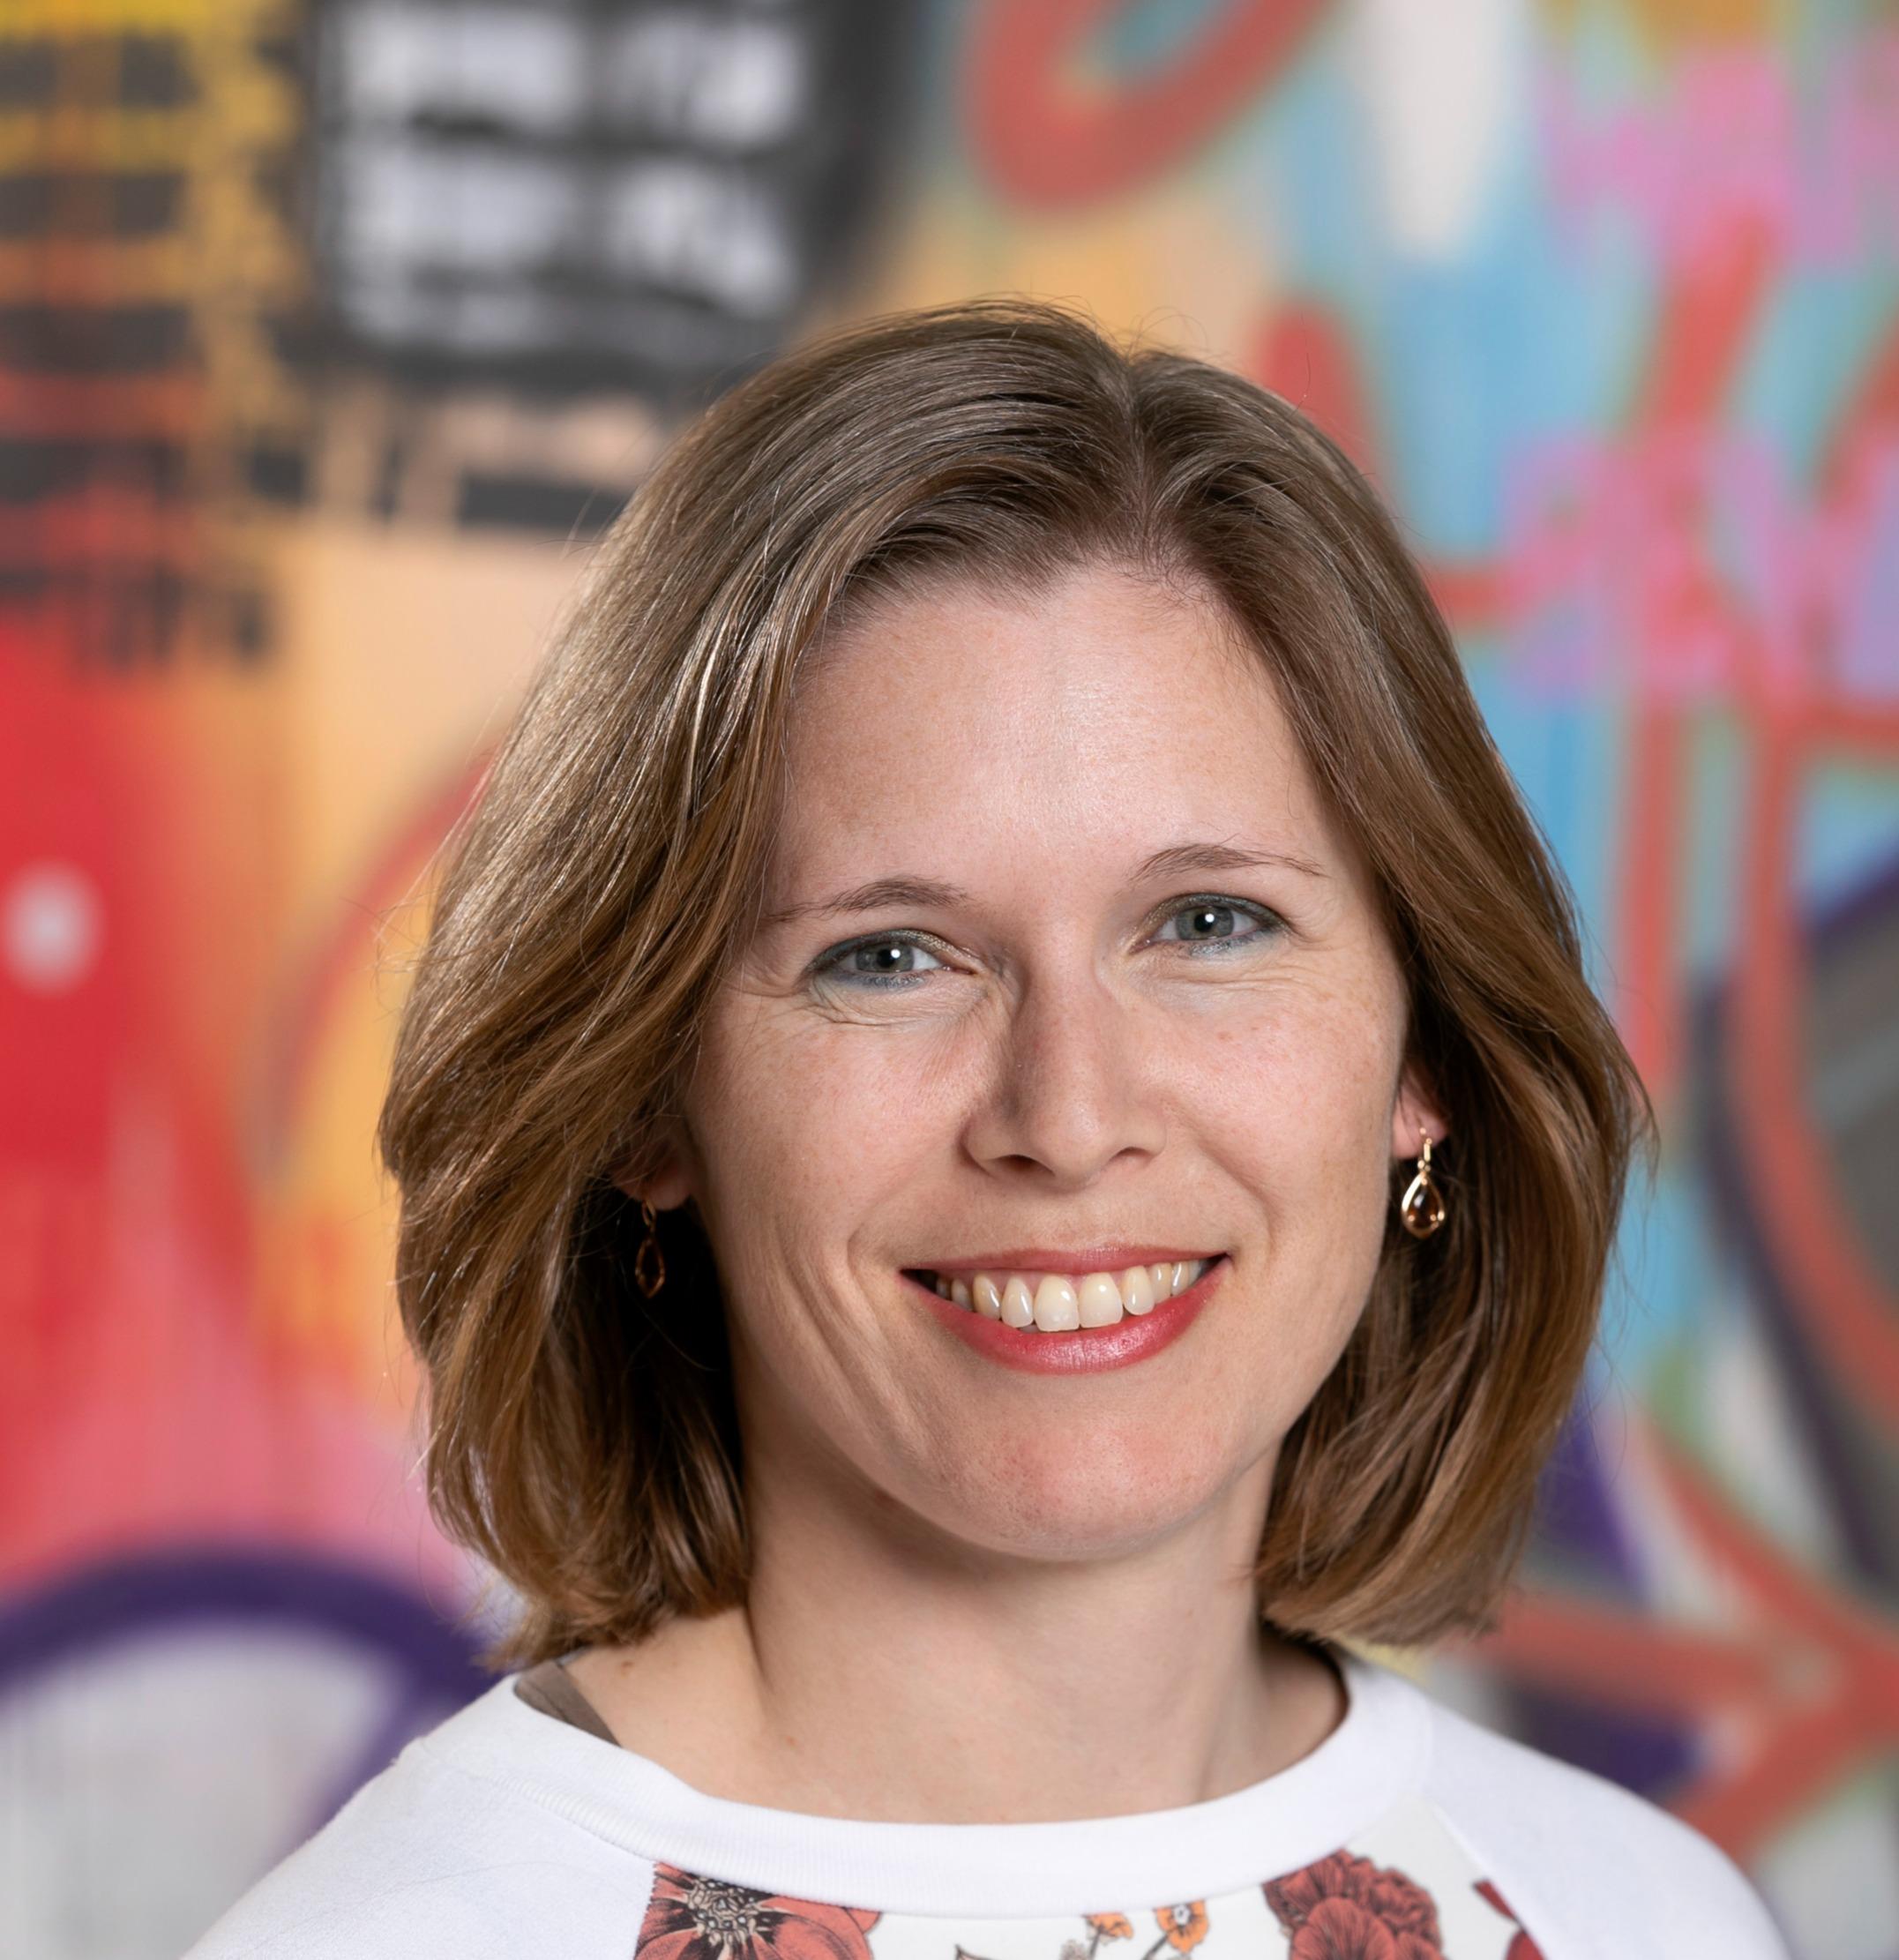 Cynthia Maasbommel